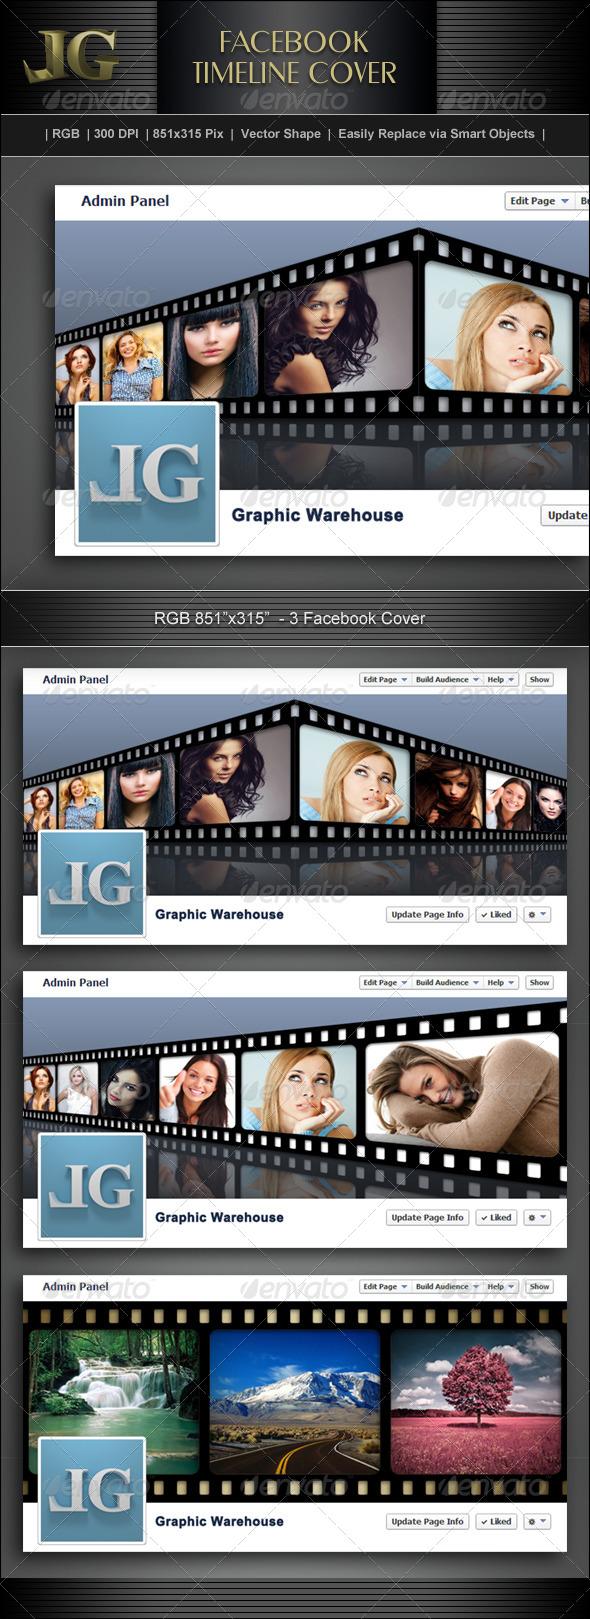 GraphicRiver Facebook Timeline Cover V4 5828216